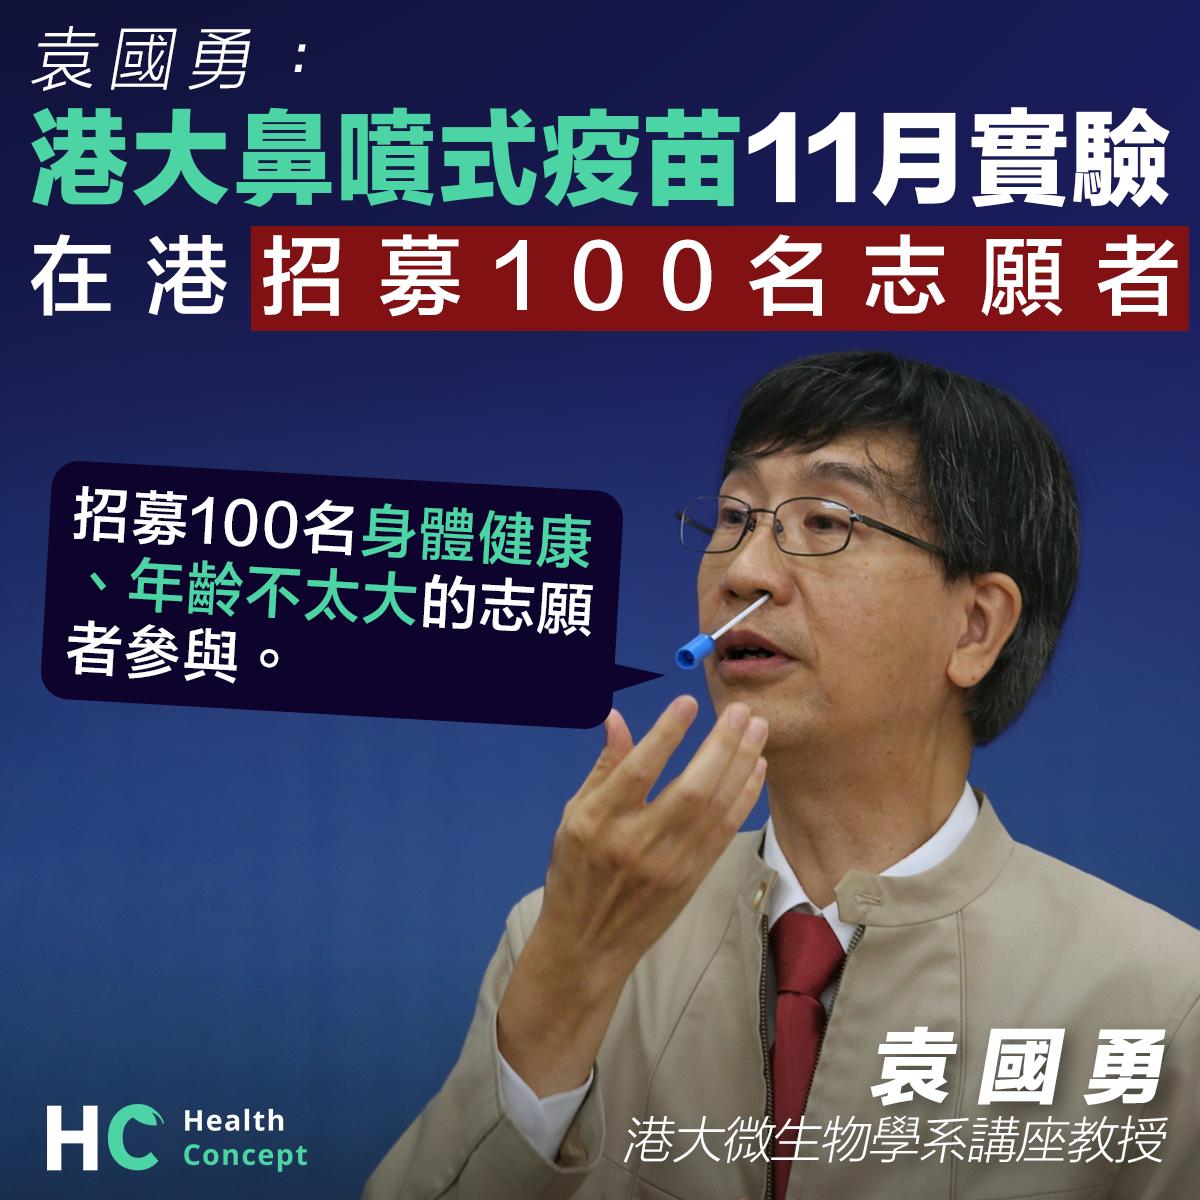 【新型肺炎】袁國勇:港大鼻噴式疫苗11月實驗 在港招募100名志願者